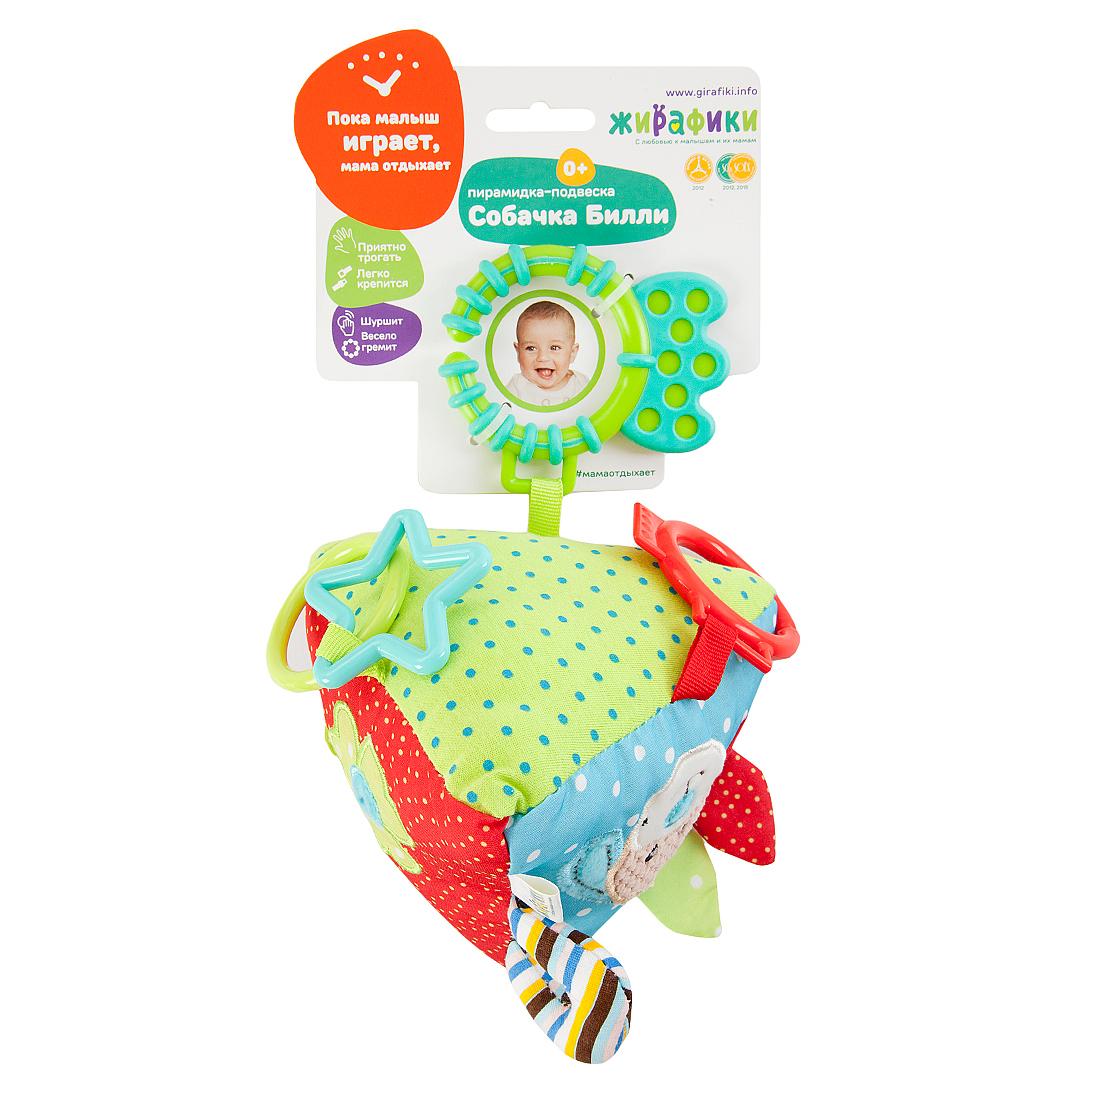 Игры и игрушки в дорогу Жирафики Собачка Билли развивающая игрушка жирафики подвеска с колокольчиком и прорезывателем собачка билли 939329